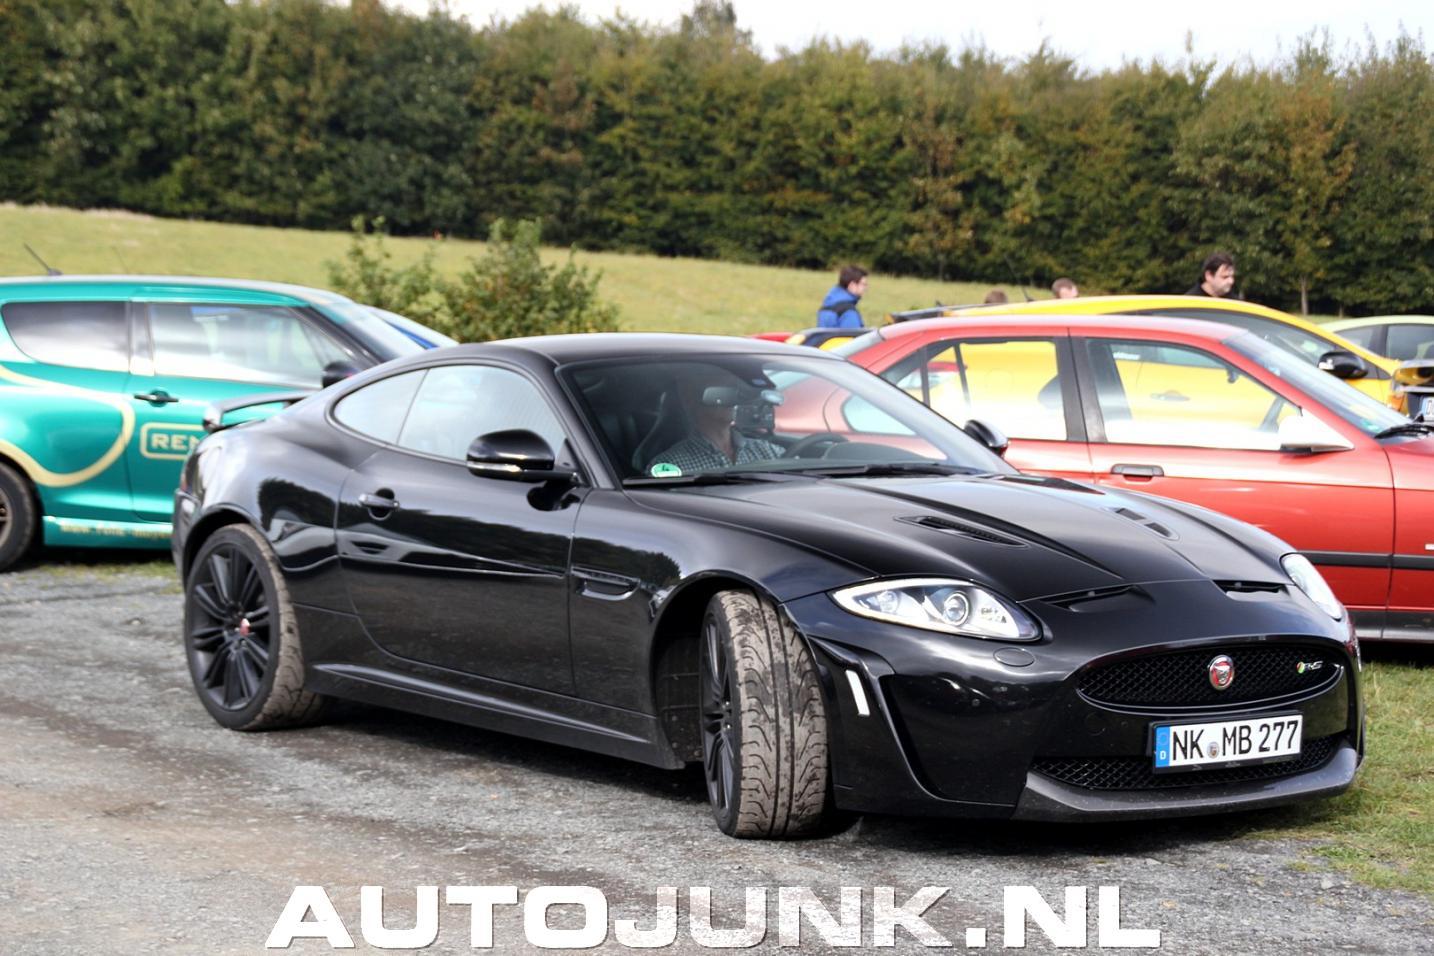 Jaguar XK-RS foto's » Autojunk.nl (191263)